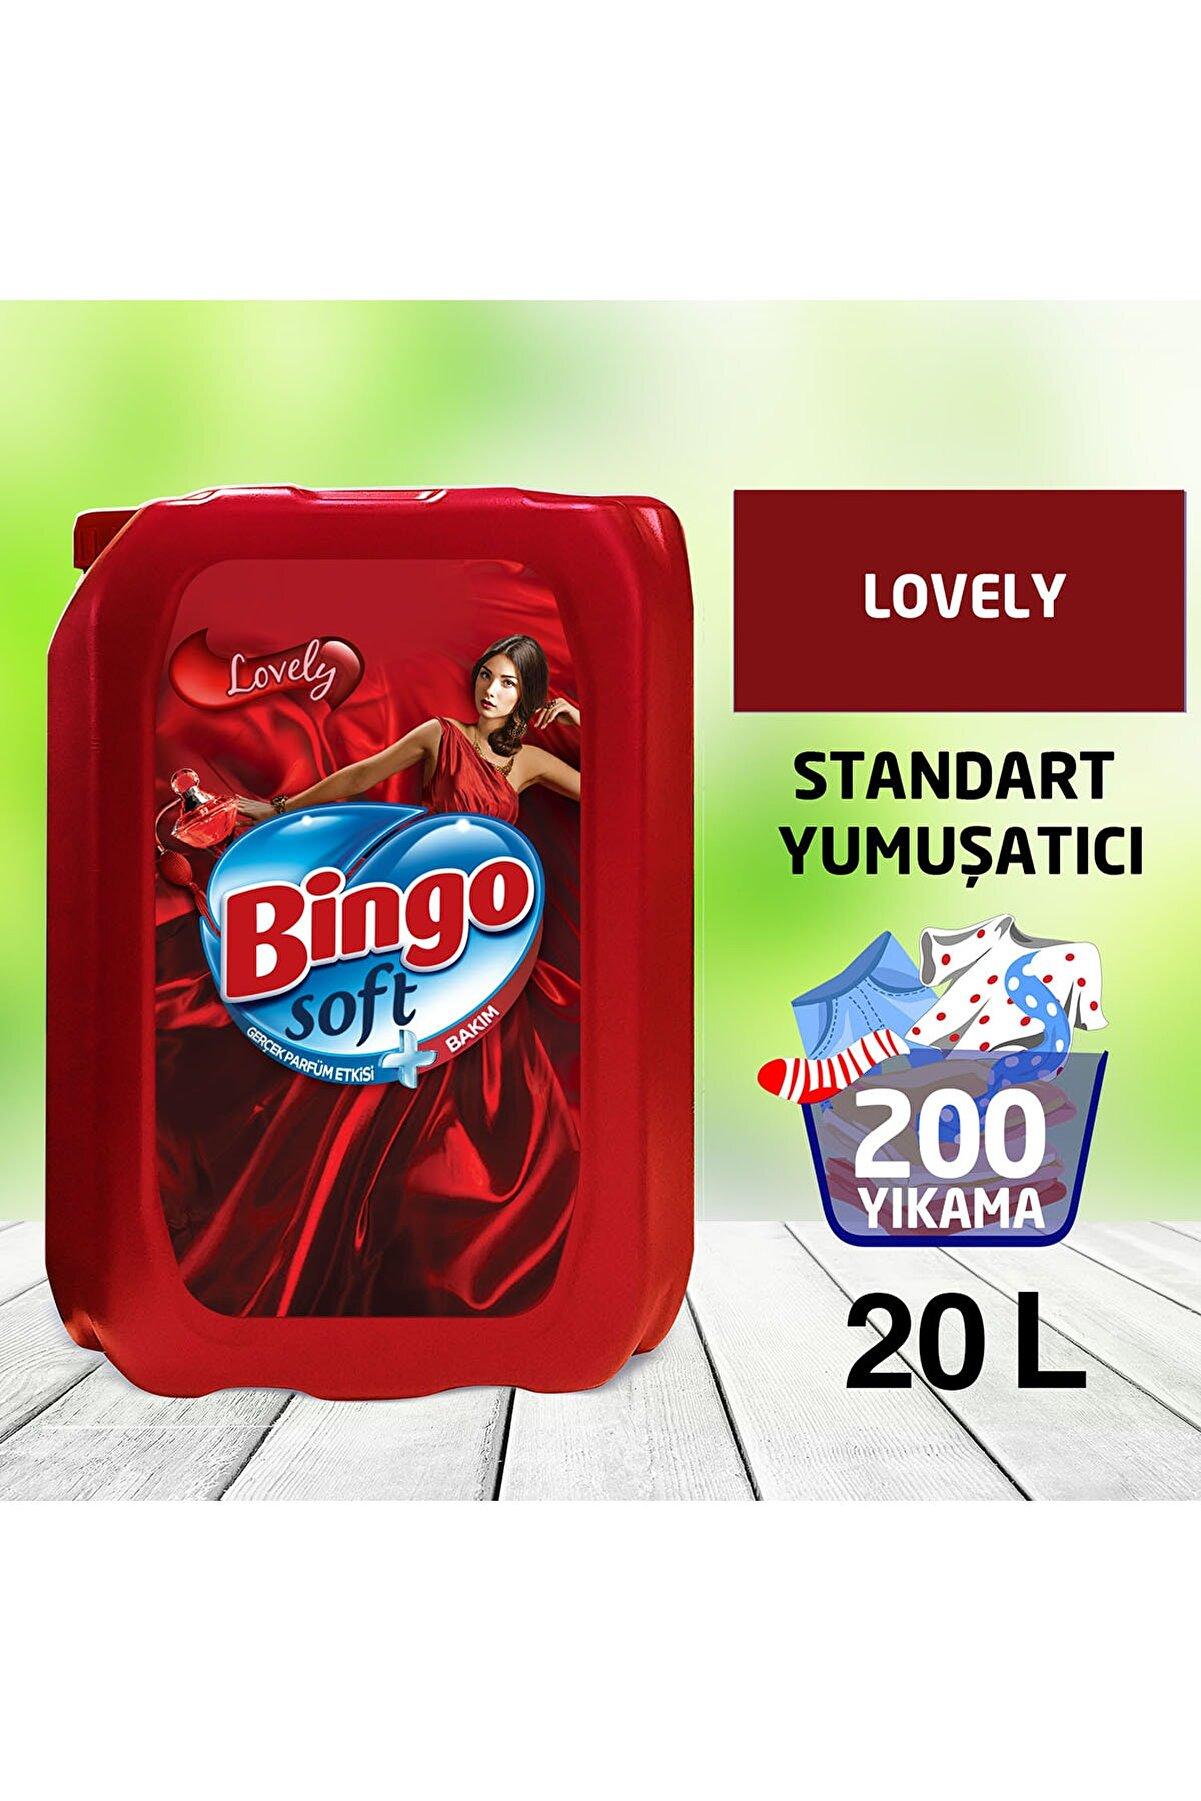 Bingo Soft Standart Çamaşır Yumuşatıcısı Lovely 5 L 4'lü